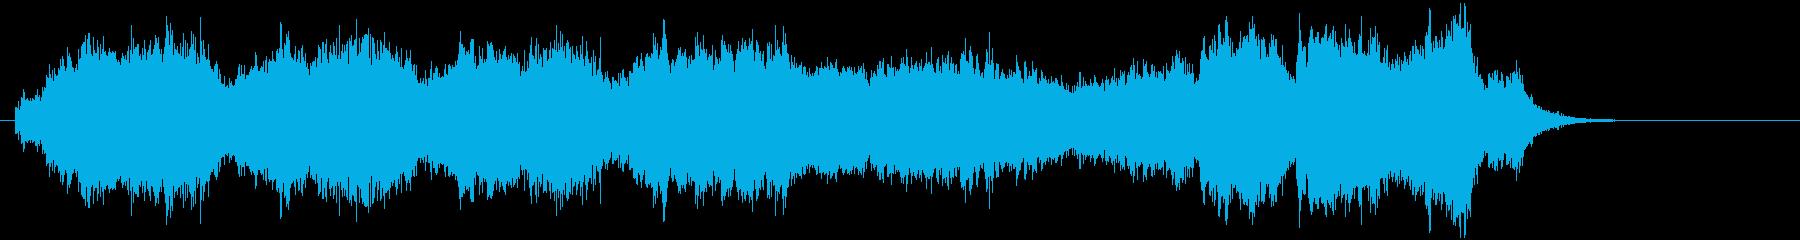 壮大なオープニングファンファーレの再生済みの波形